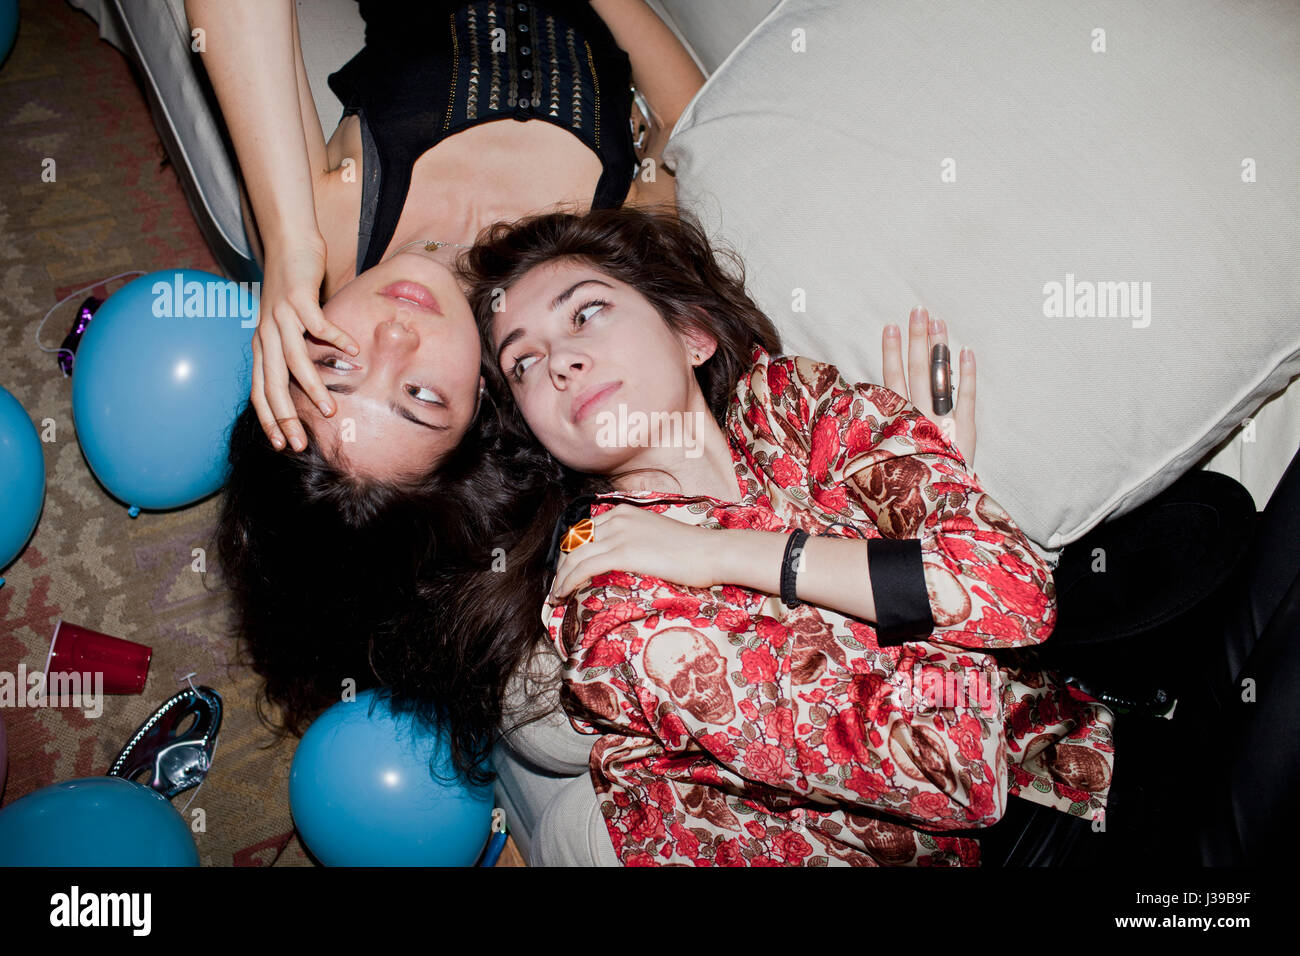 Les jeunes femmes lors d'une fête Photo Stock